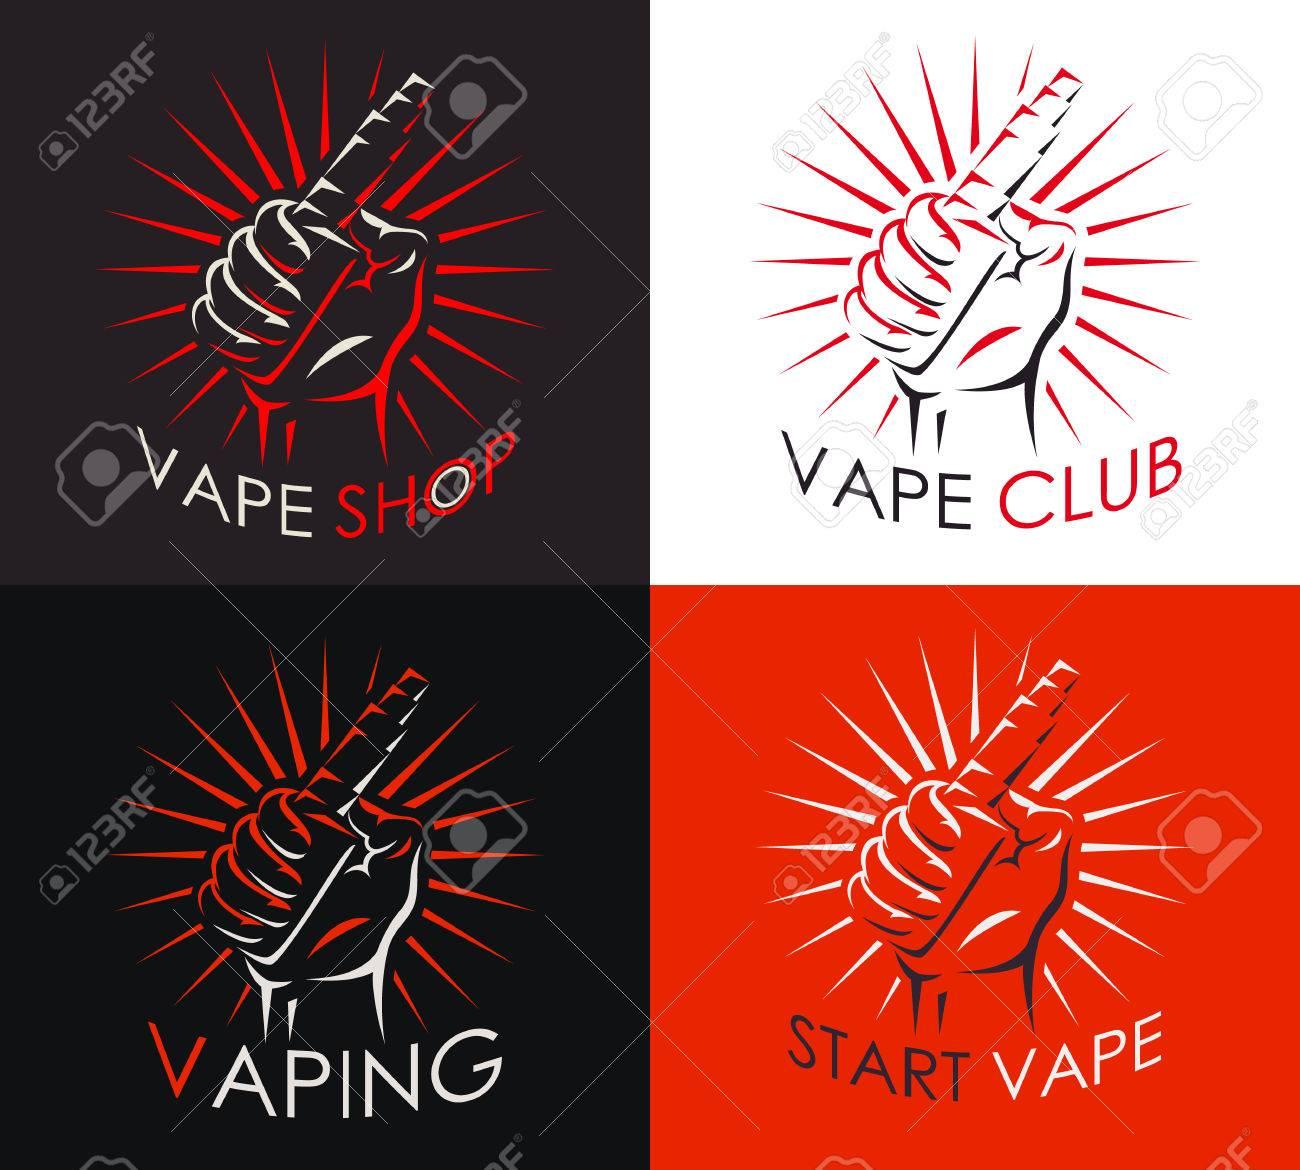 Art Vape Shop Logo Design